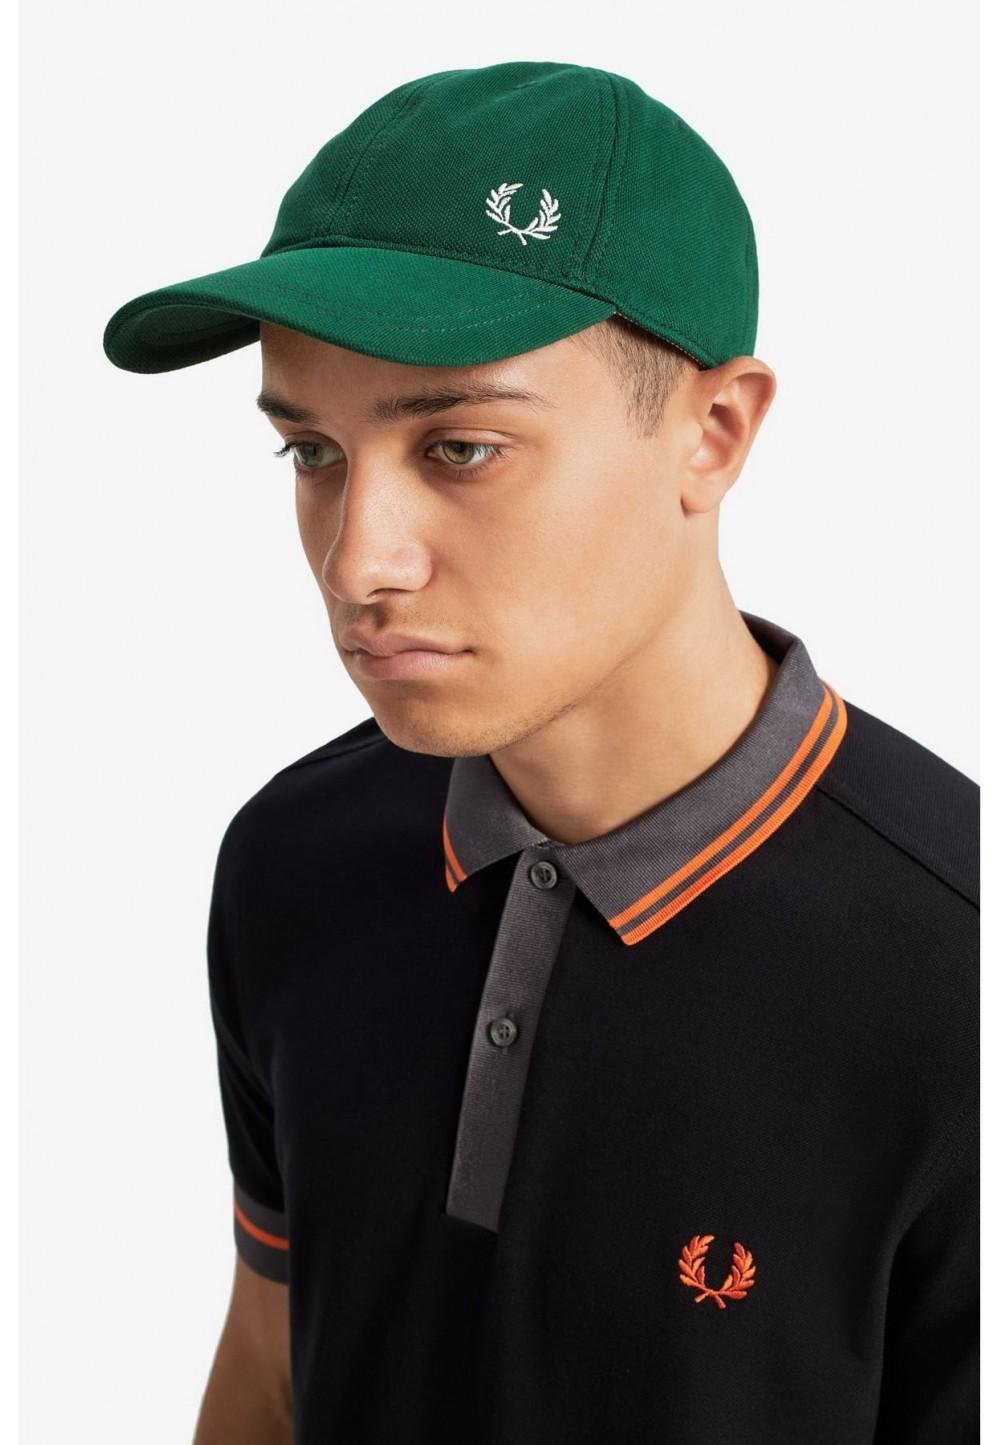 Бейсболка классическая зеленая